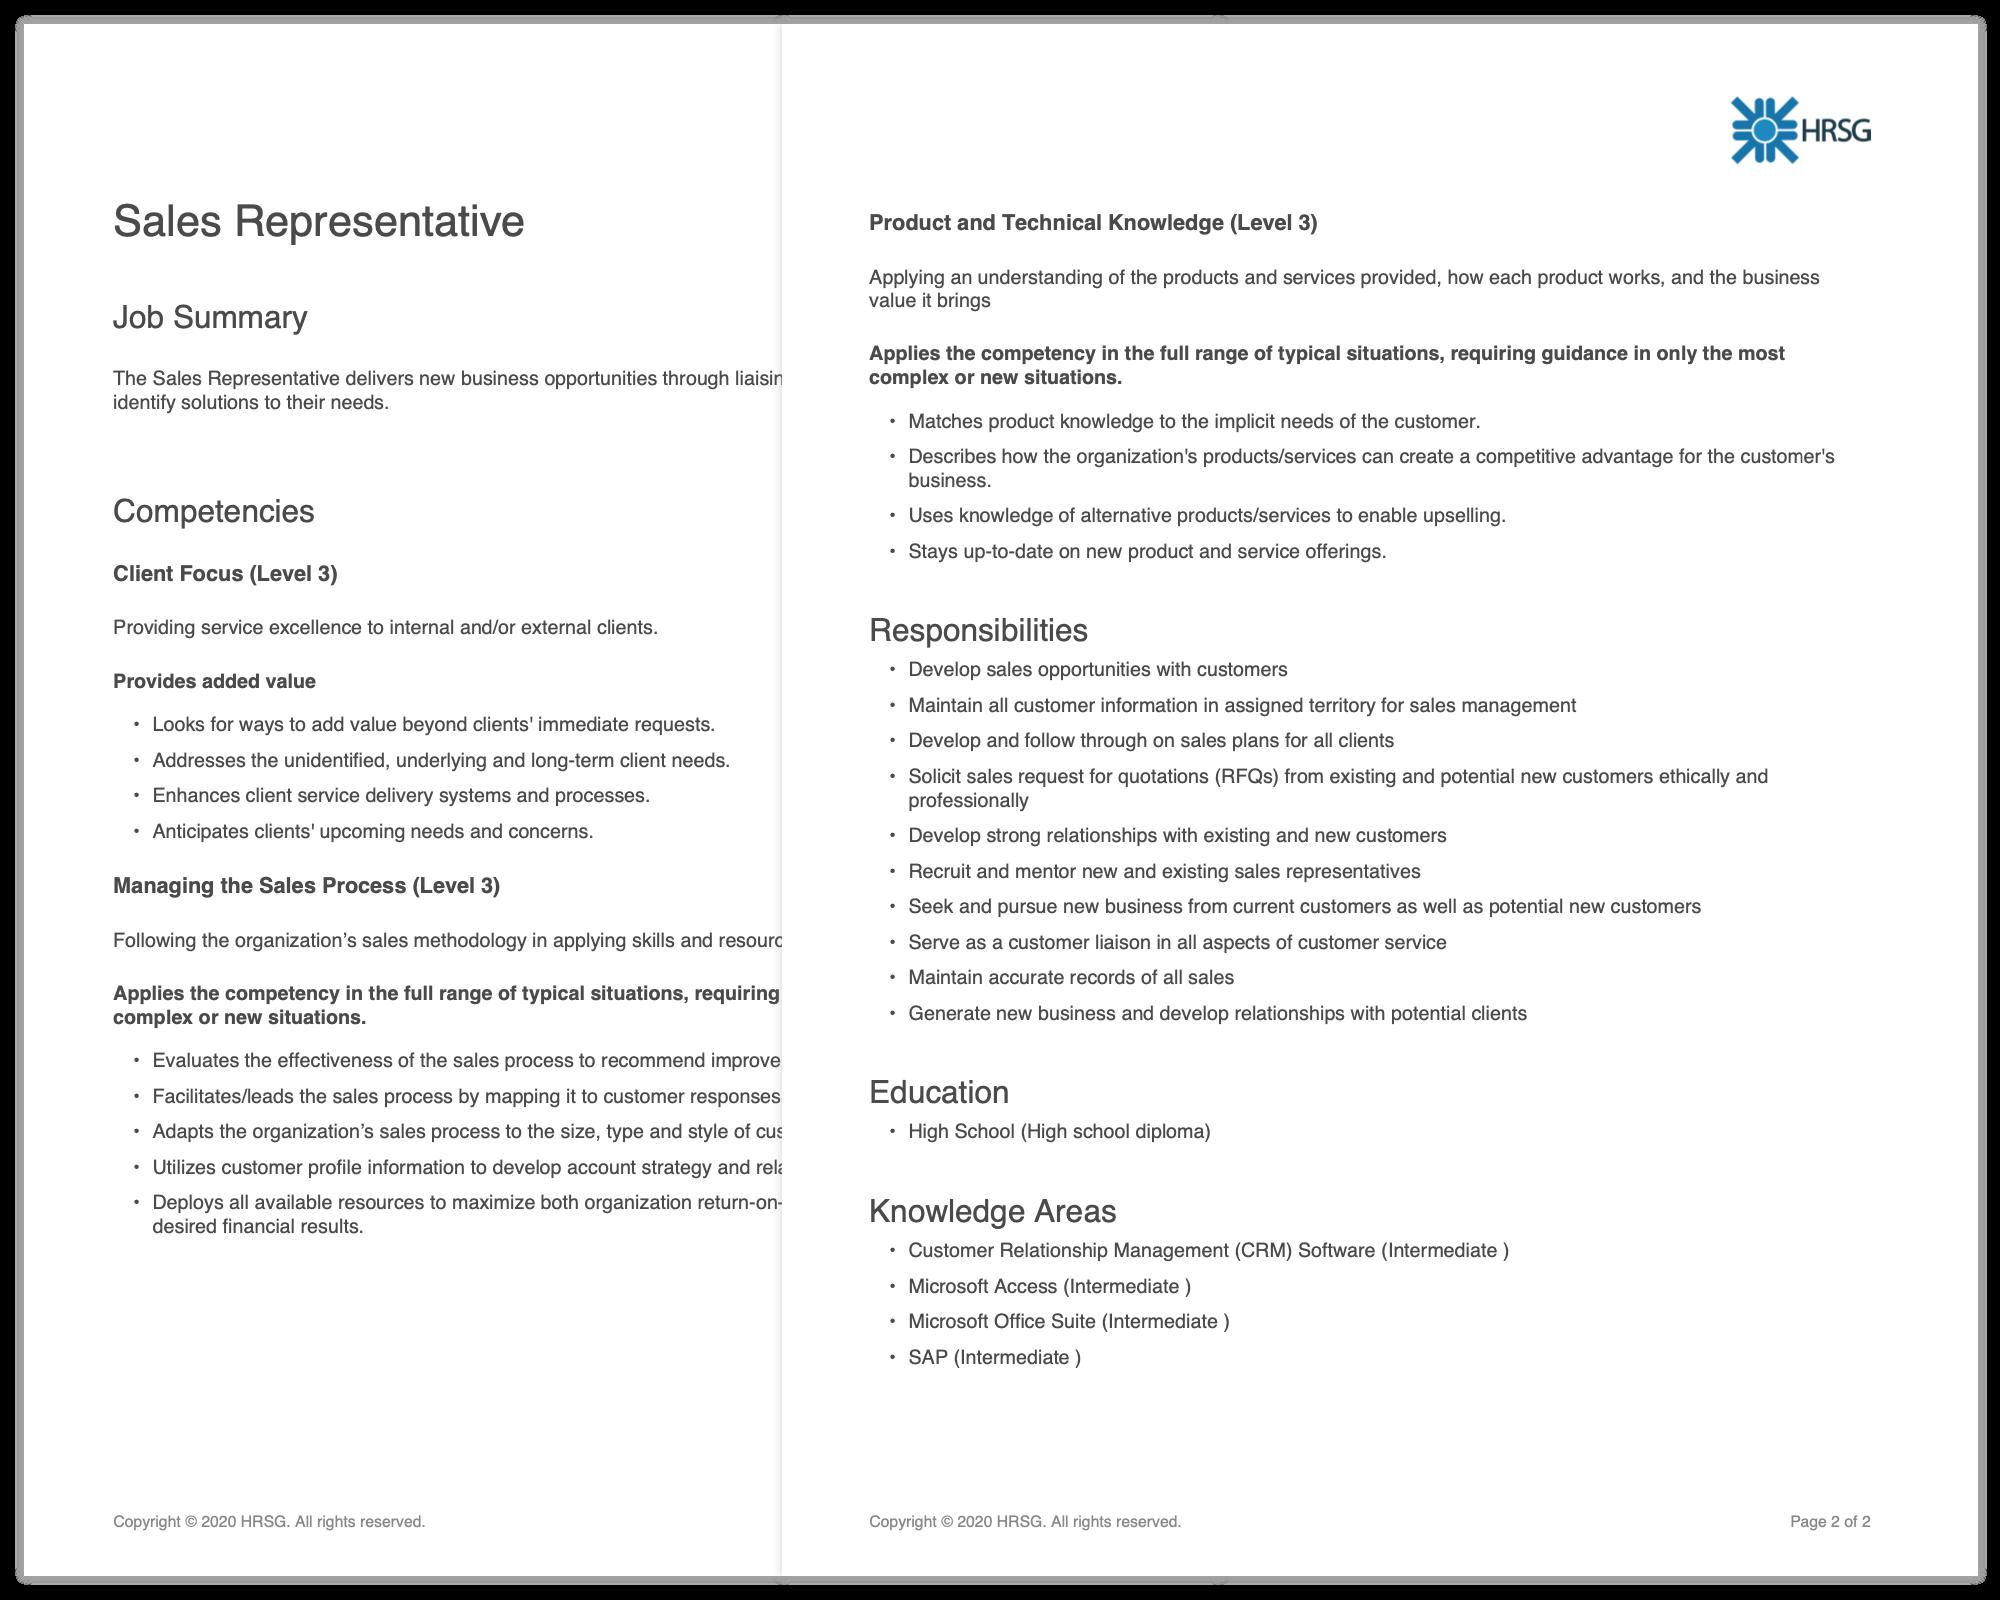 A PDF export of the sample Sales Rep job description